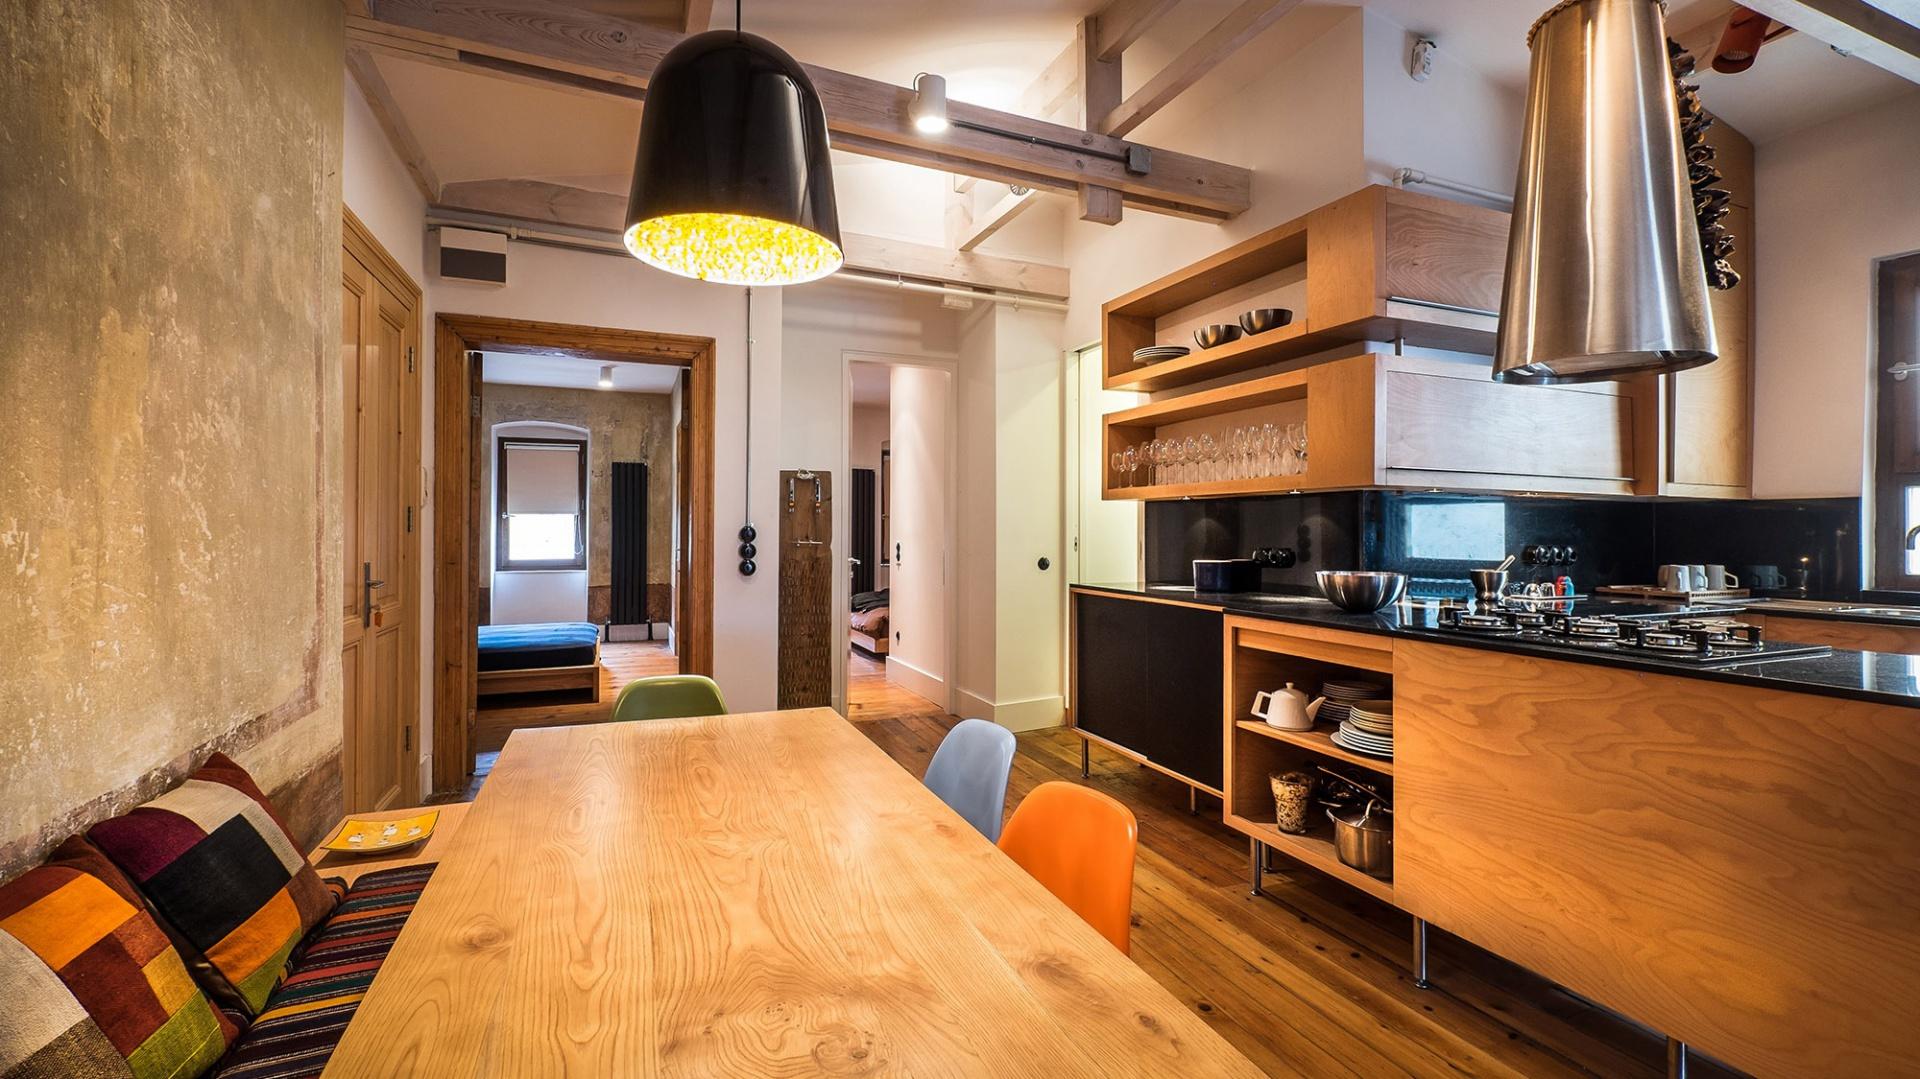 Jadalnię od kuchni umownie oddziela półwysep kuchenny. Drewniany stół jadalniany pięknie komponuje się z drewnianymi meblami kuchennymi. Projekt: Atelye70. Fot. Emrah Aydemir.